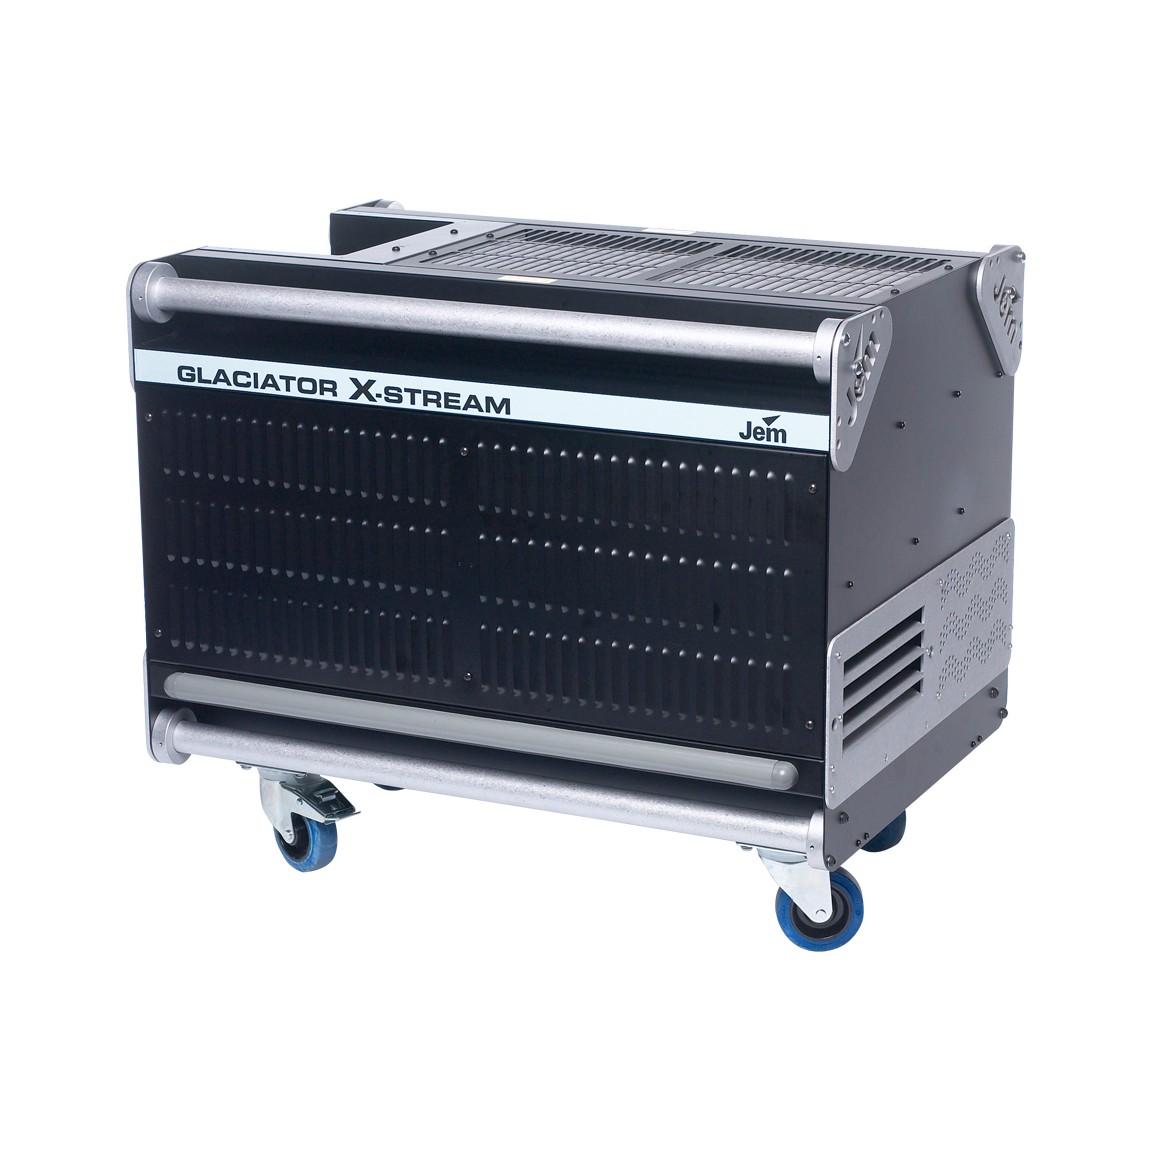 NEW Martin Jem Glaciator X-Stream 208V